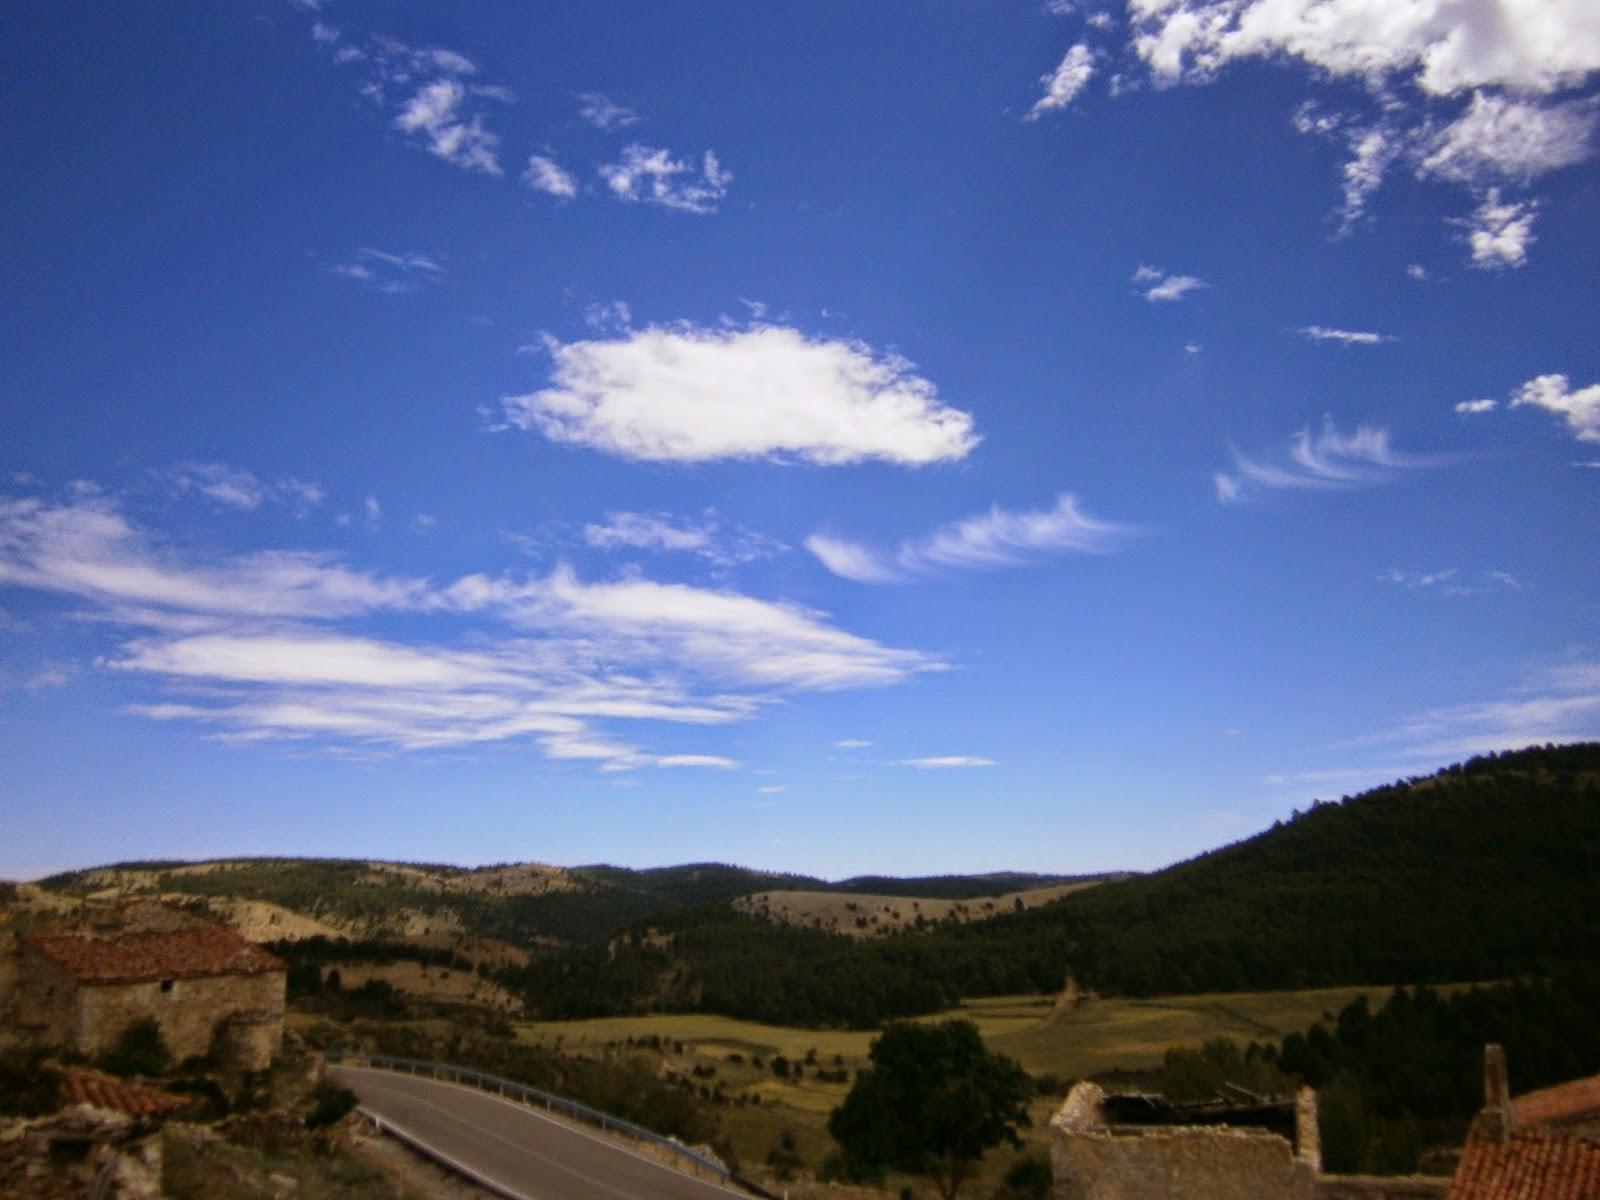 Paisajes del Cañigral, Albarracin (Teruel)